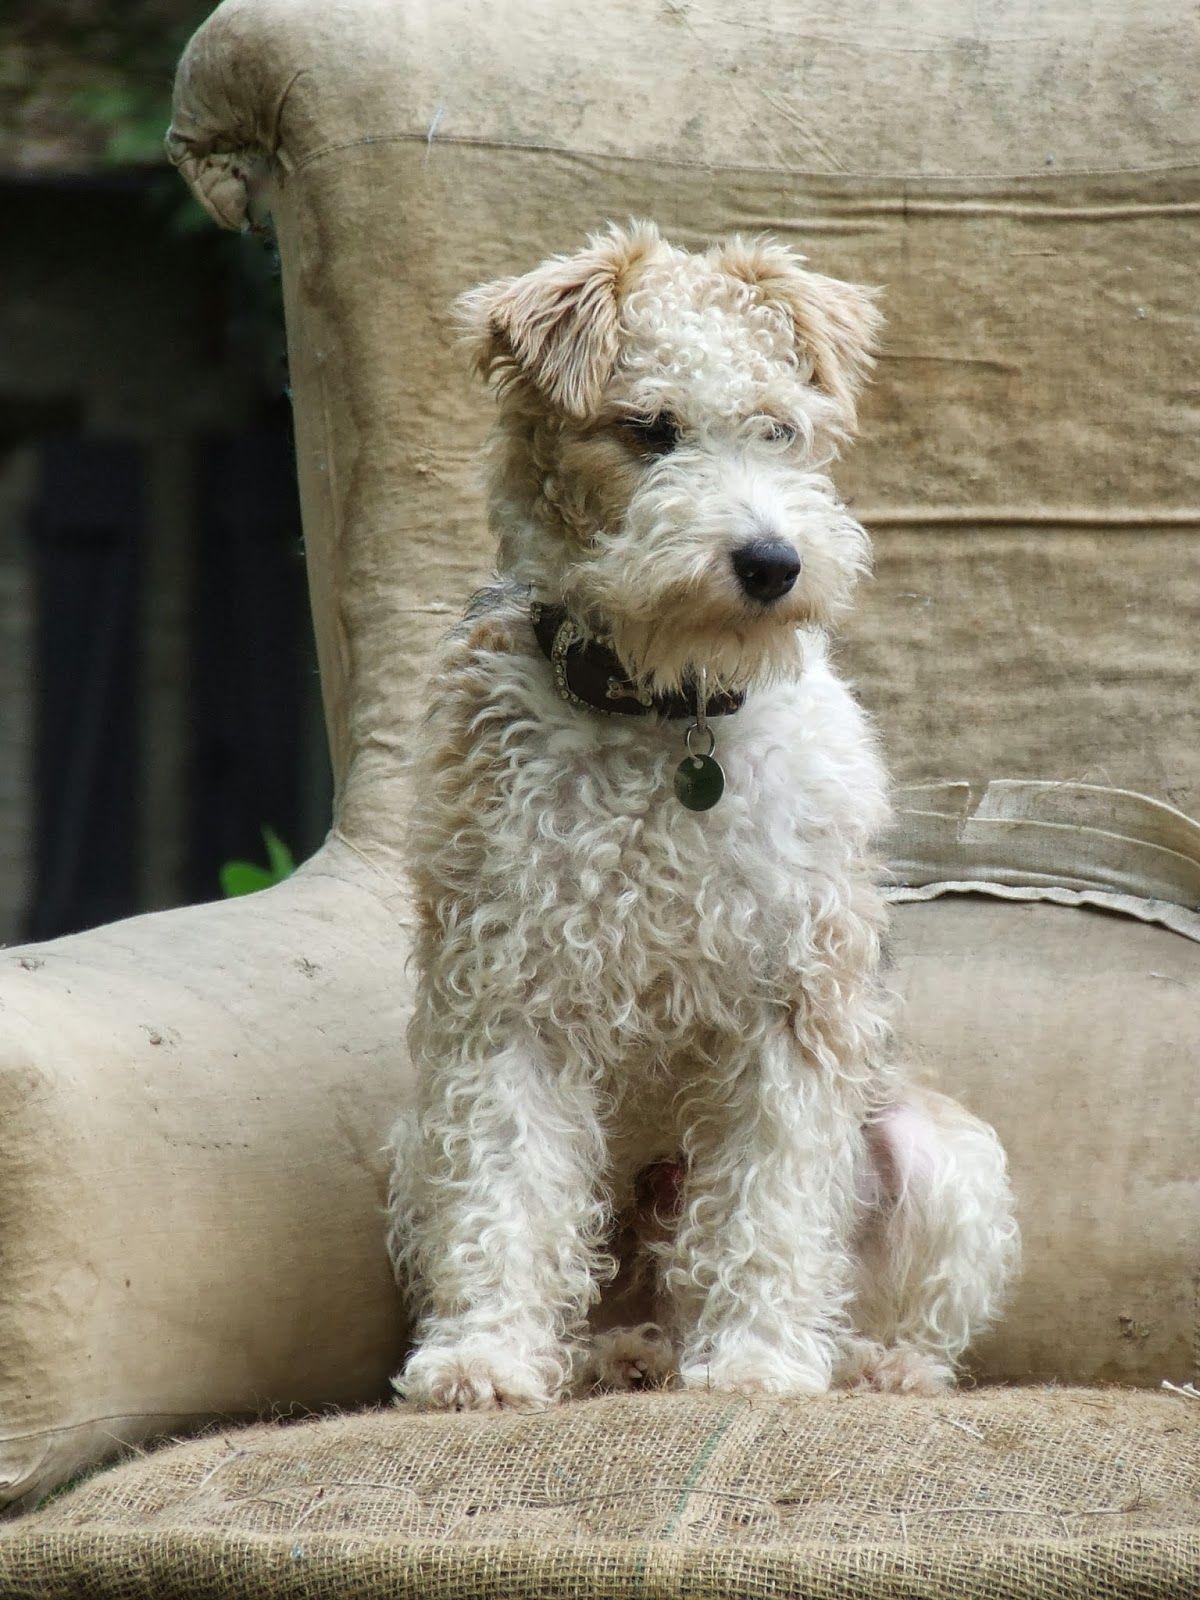 Hirtenhunde Bilder Kostenlos Herunterladen - Hirtenhunde Bilder Kostenlos Herunterladen